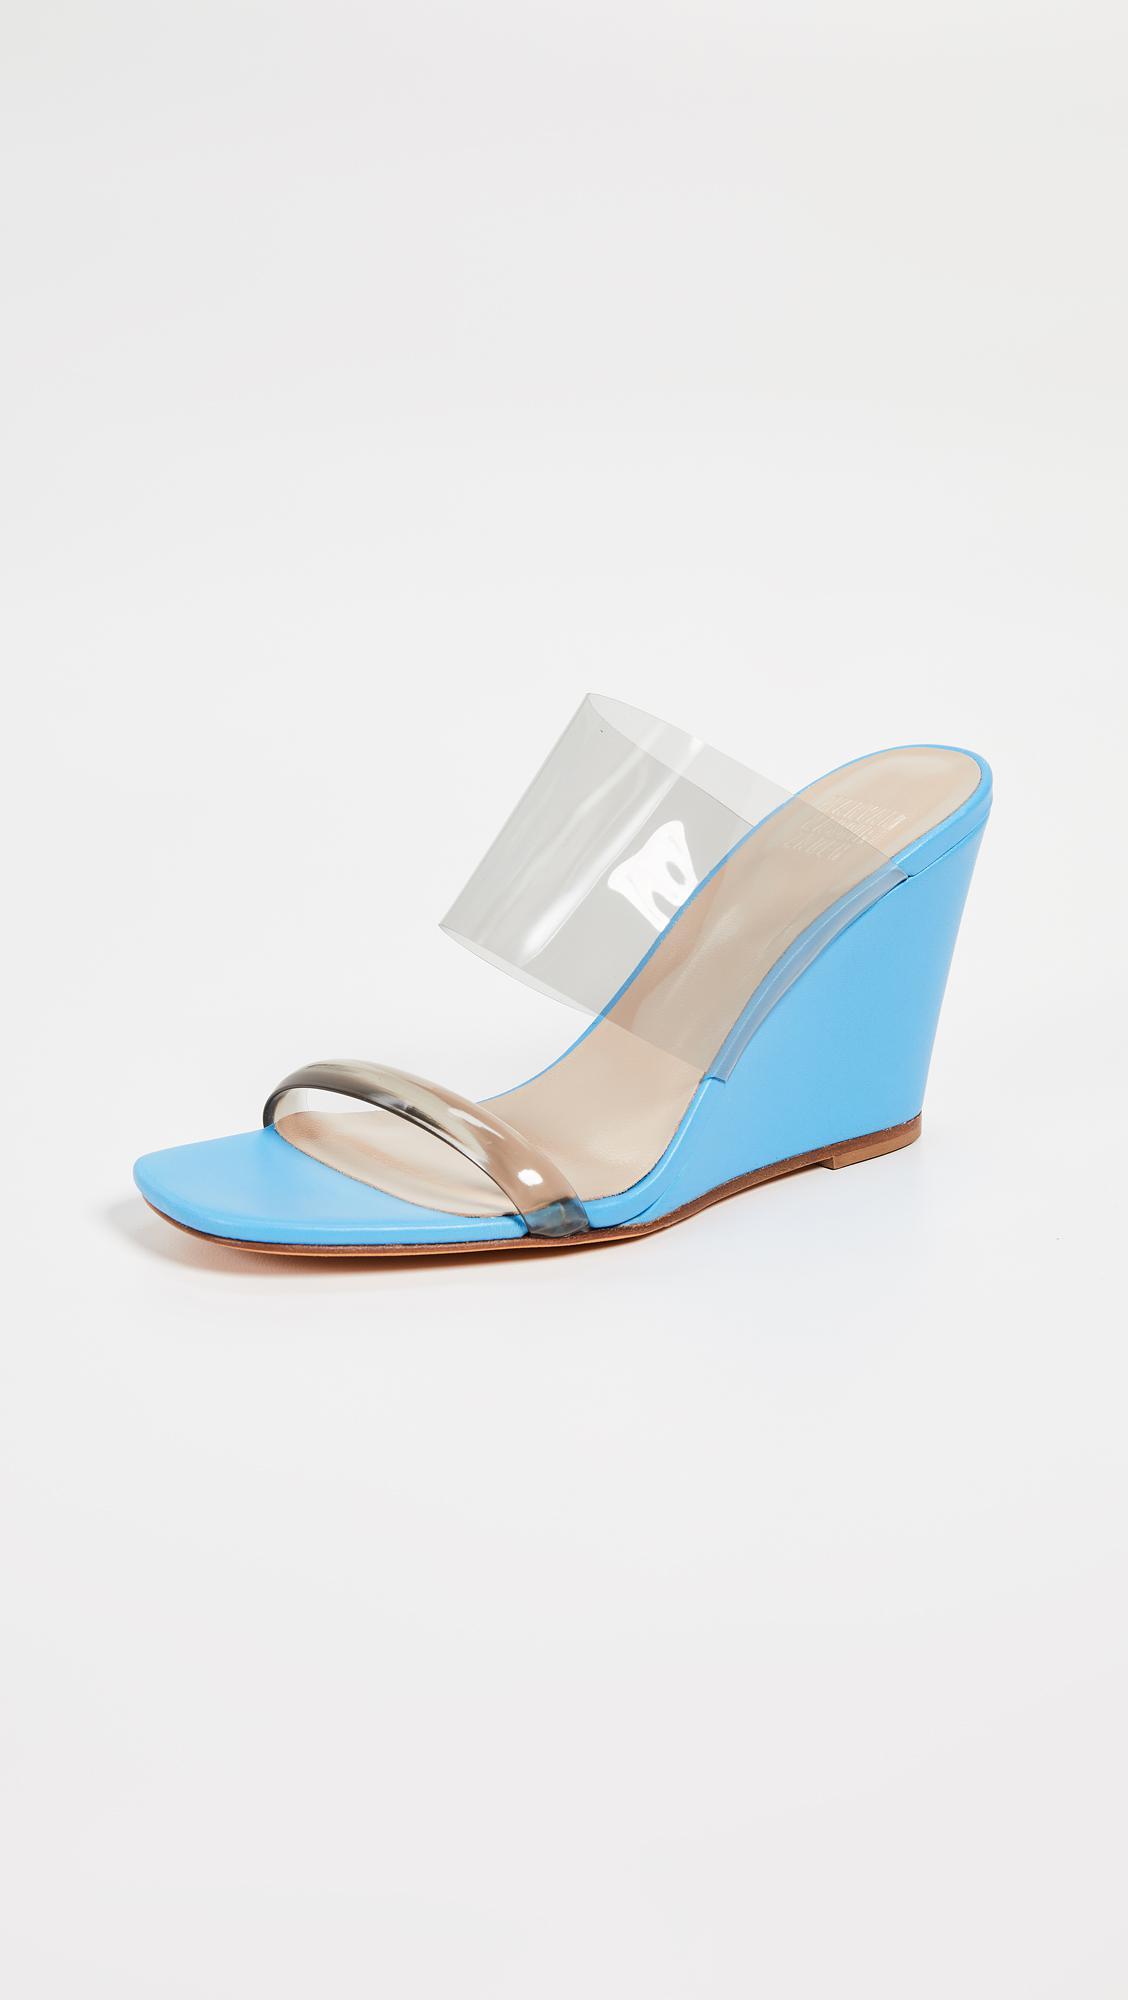 9c35e5c742b Lyst - Maryam Nassir Zadeh Olympia Wedges in Blue